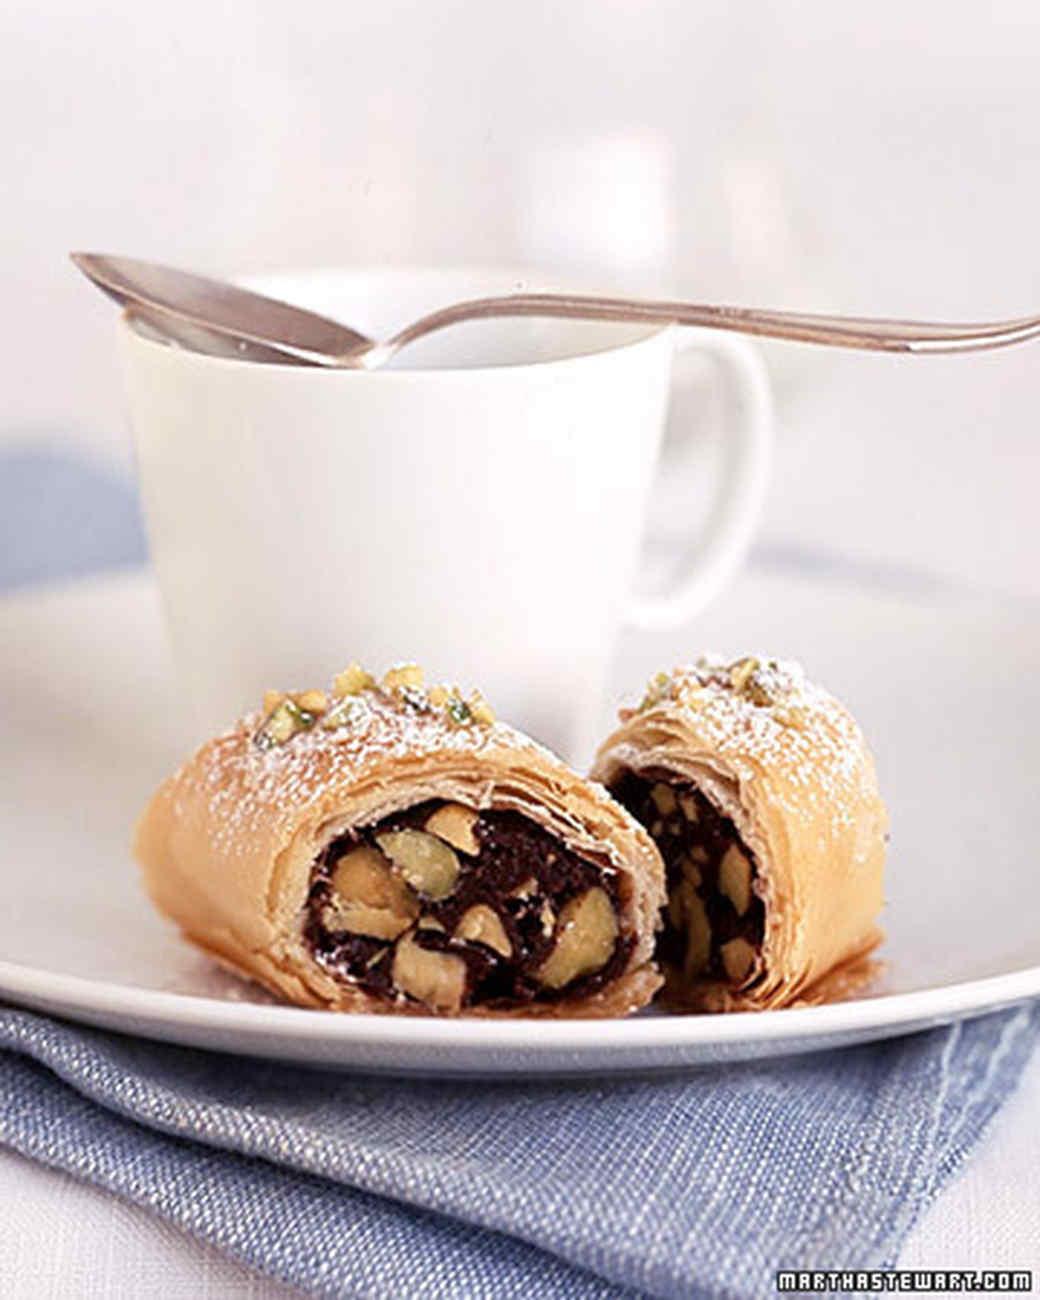 a100693_apr04_dessert.jpg